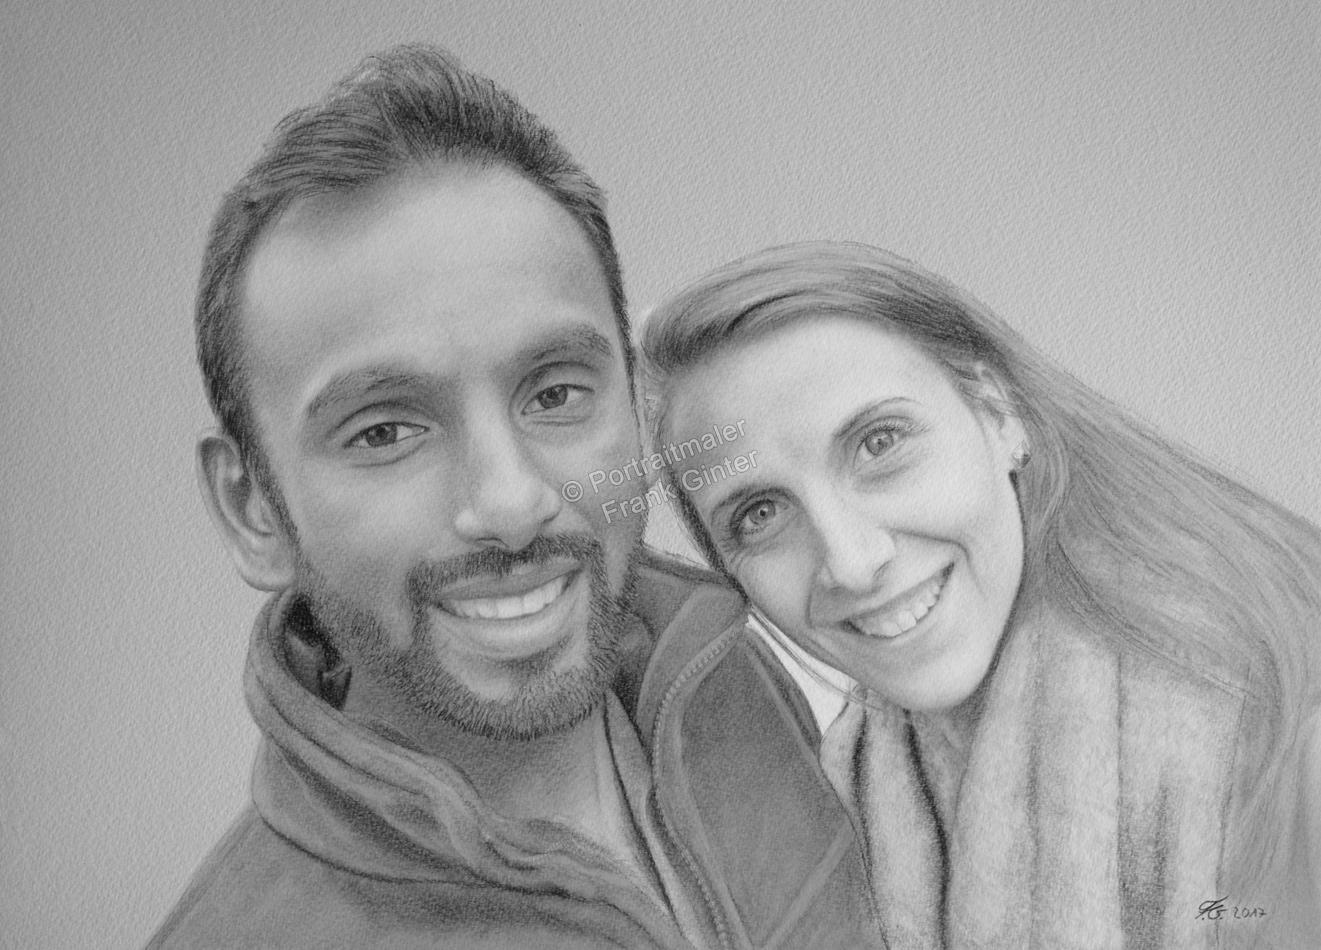 Bleistiftzeichnung, Portraitzeichnung - Menschen, Bleistiftzeichnungen von Paaren, Bleistift Portraits, Portraitzeichnungen